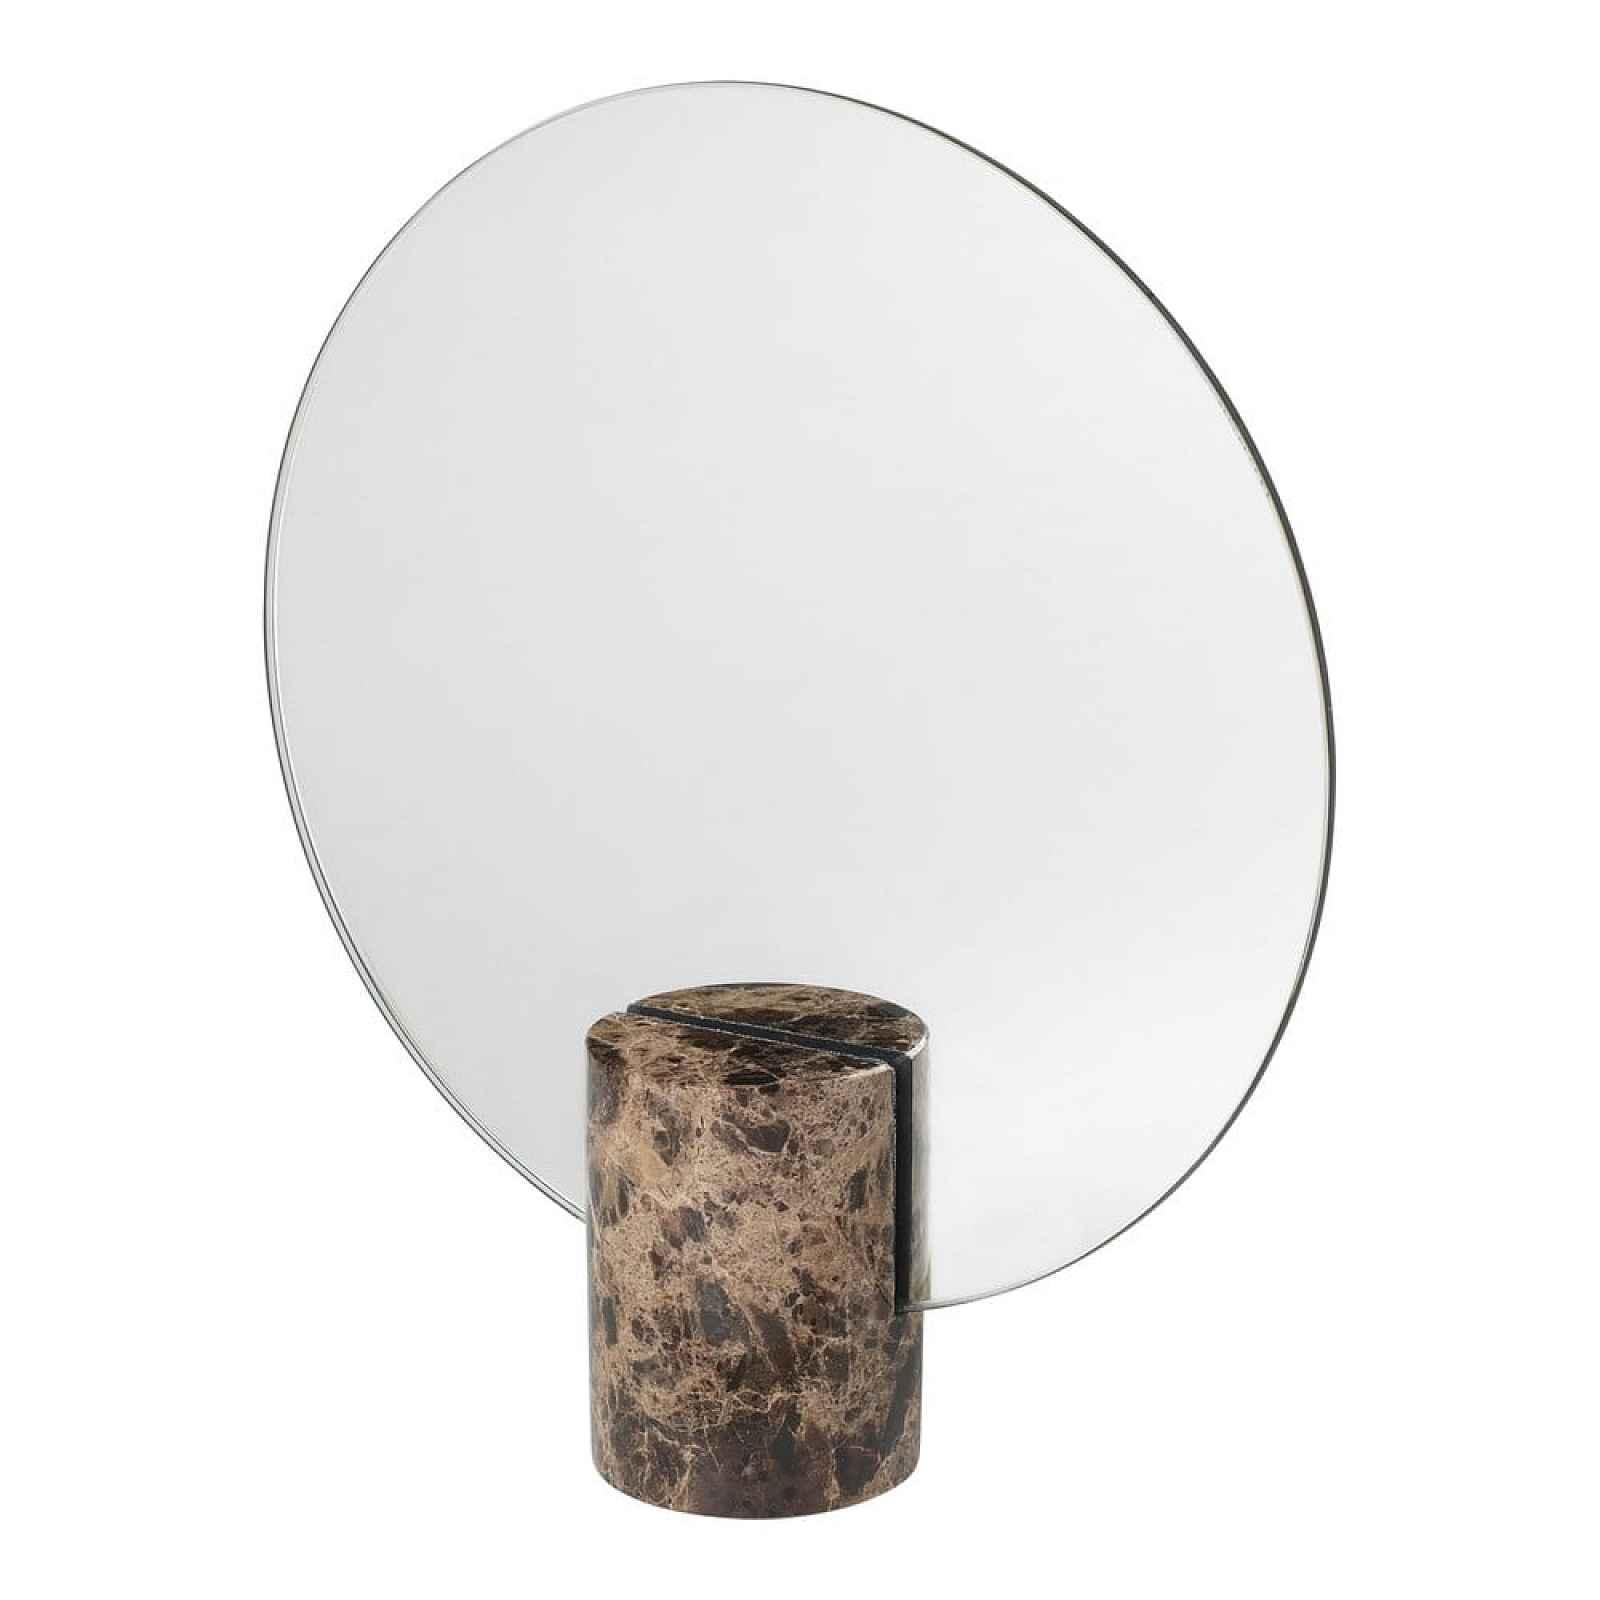 Zrcátko s hnědým mramorovým podstavcem Blomus Marble